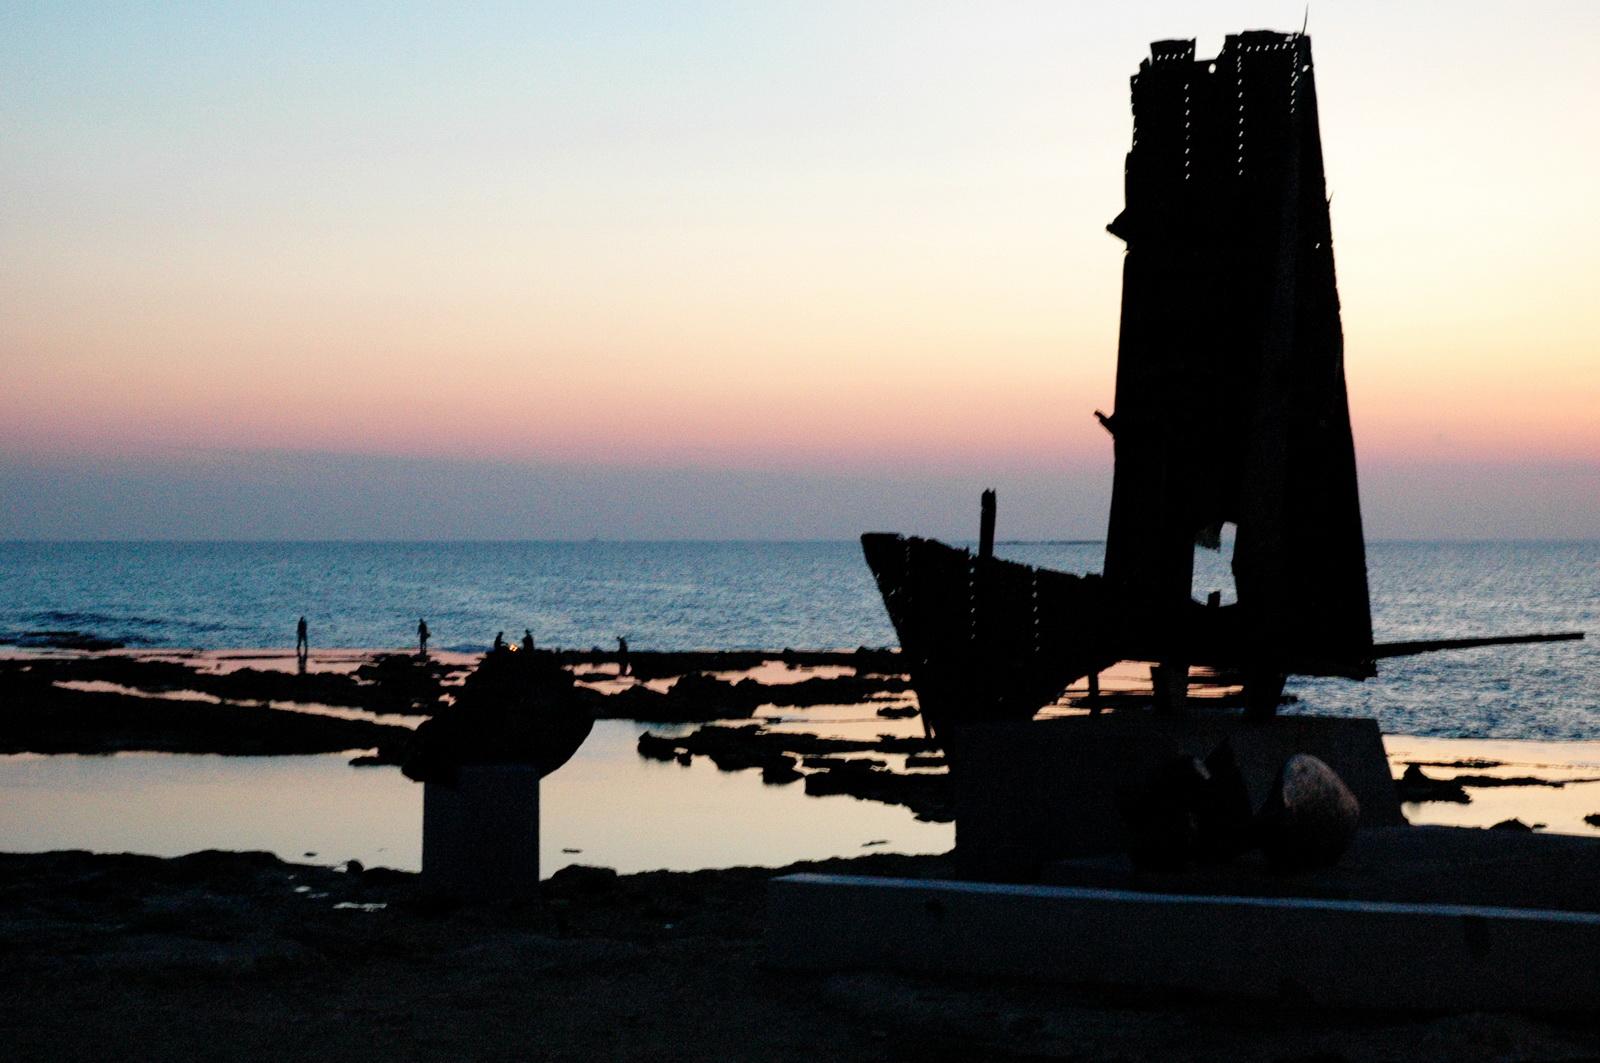 גליל מערבי  - אנדרטת ההעפלה - חוף אכזיב